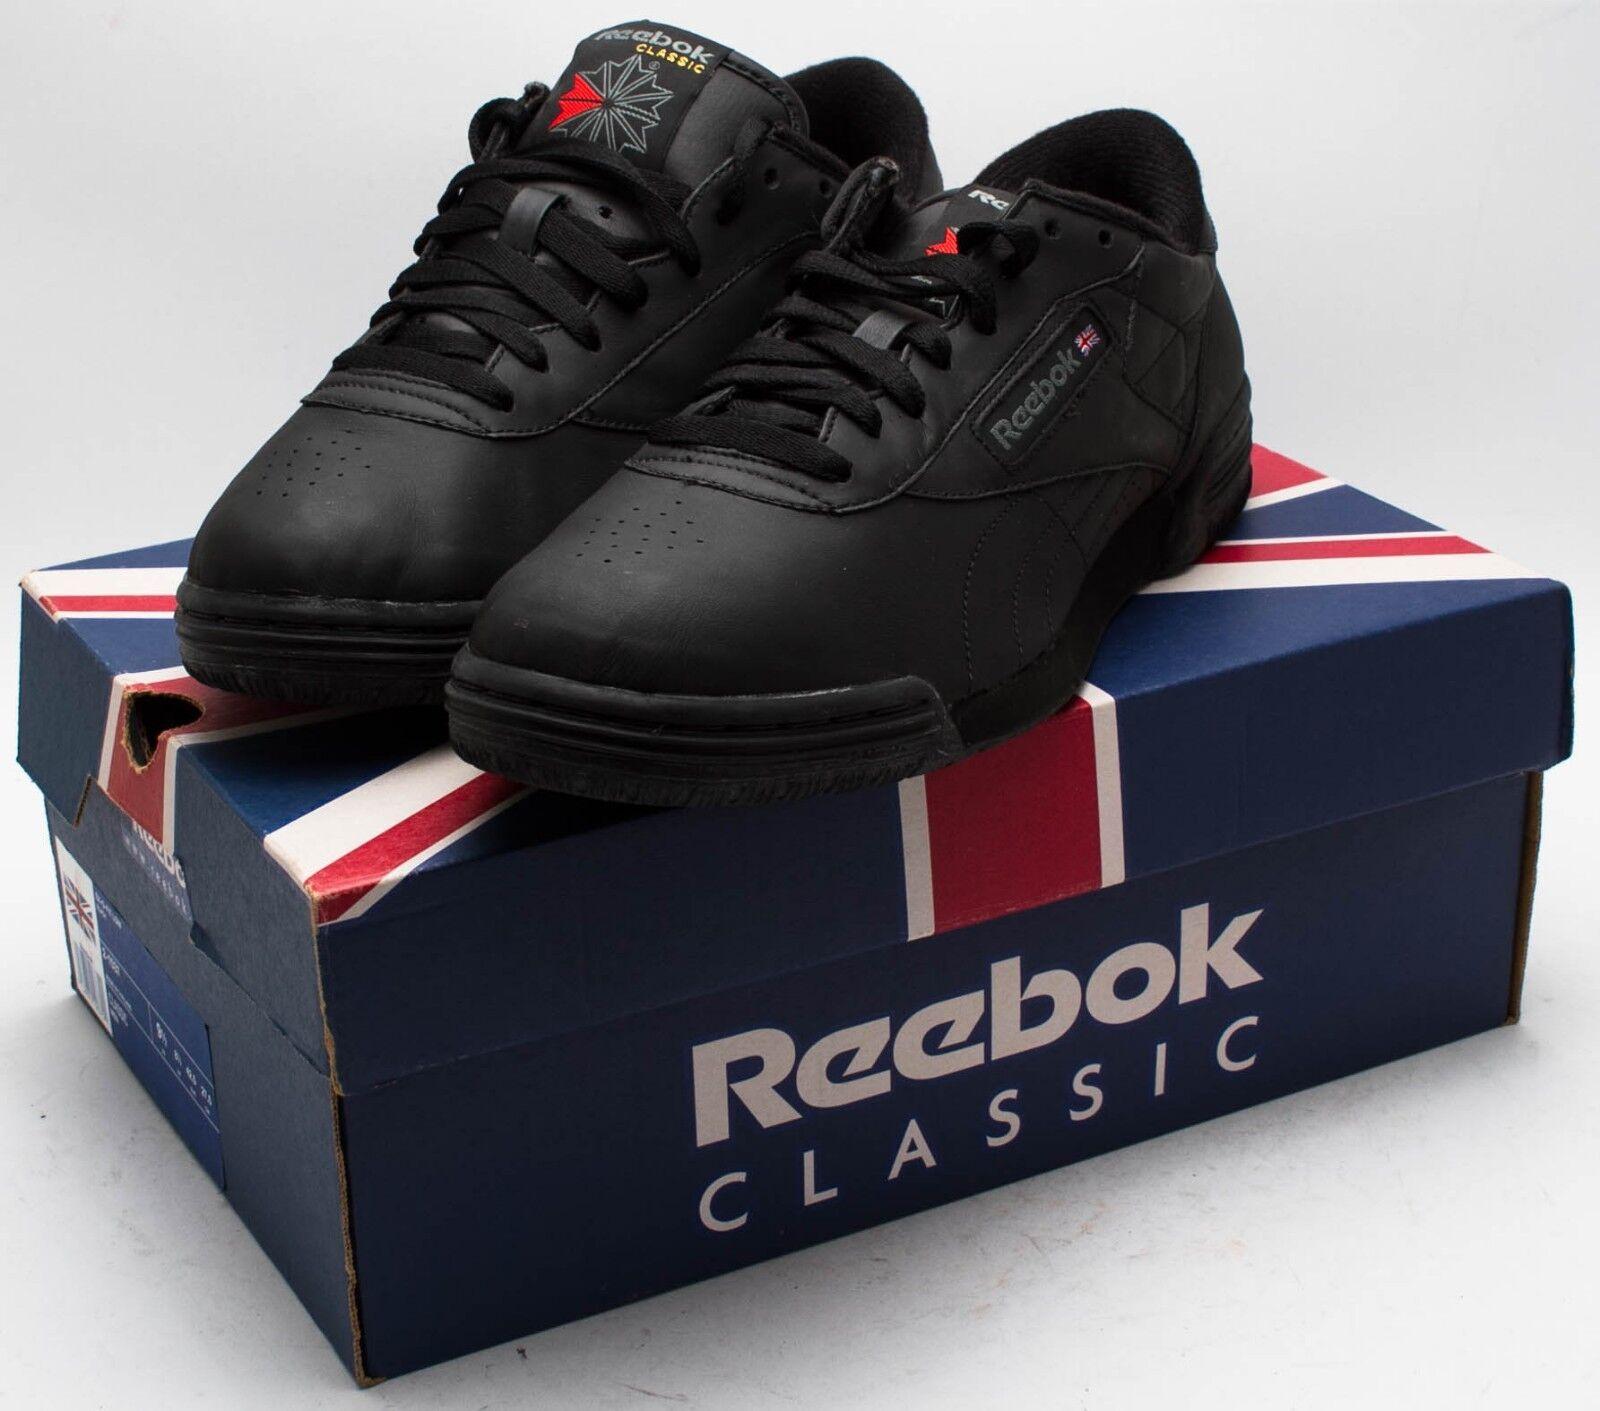 Reebok Herren VINTAGE 1990s Exofit niedrig Schuhe 2-1537 schwarz Größe 9.5